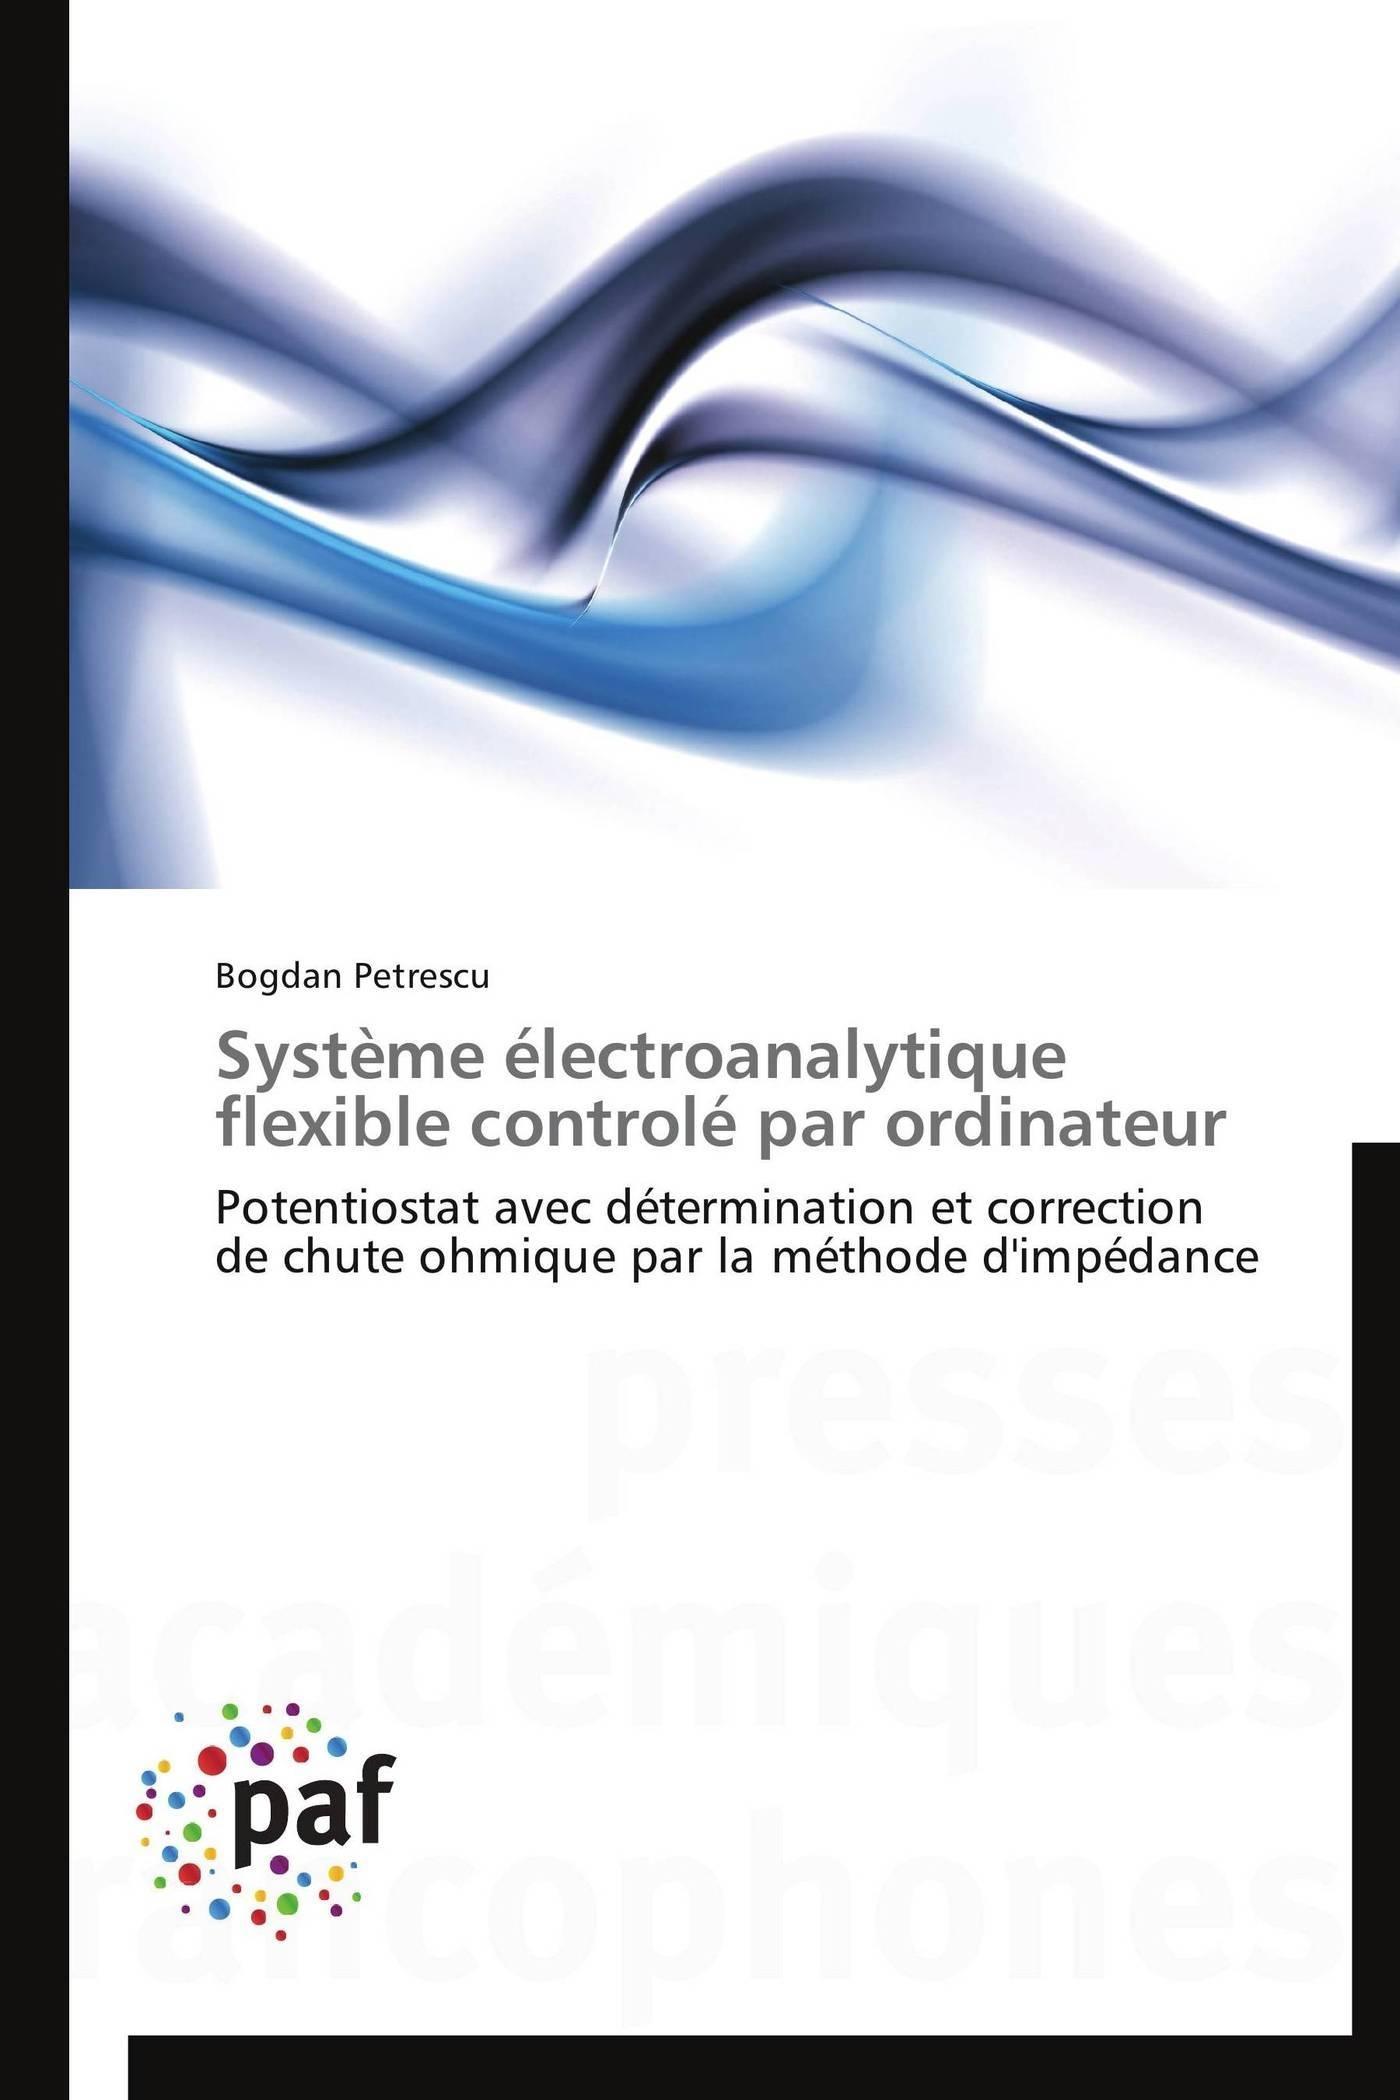 SYSTEME ELECTROANALYTIQUE FLEXIBLE CONTROLE PAR ORDINATEUR